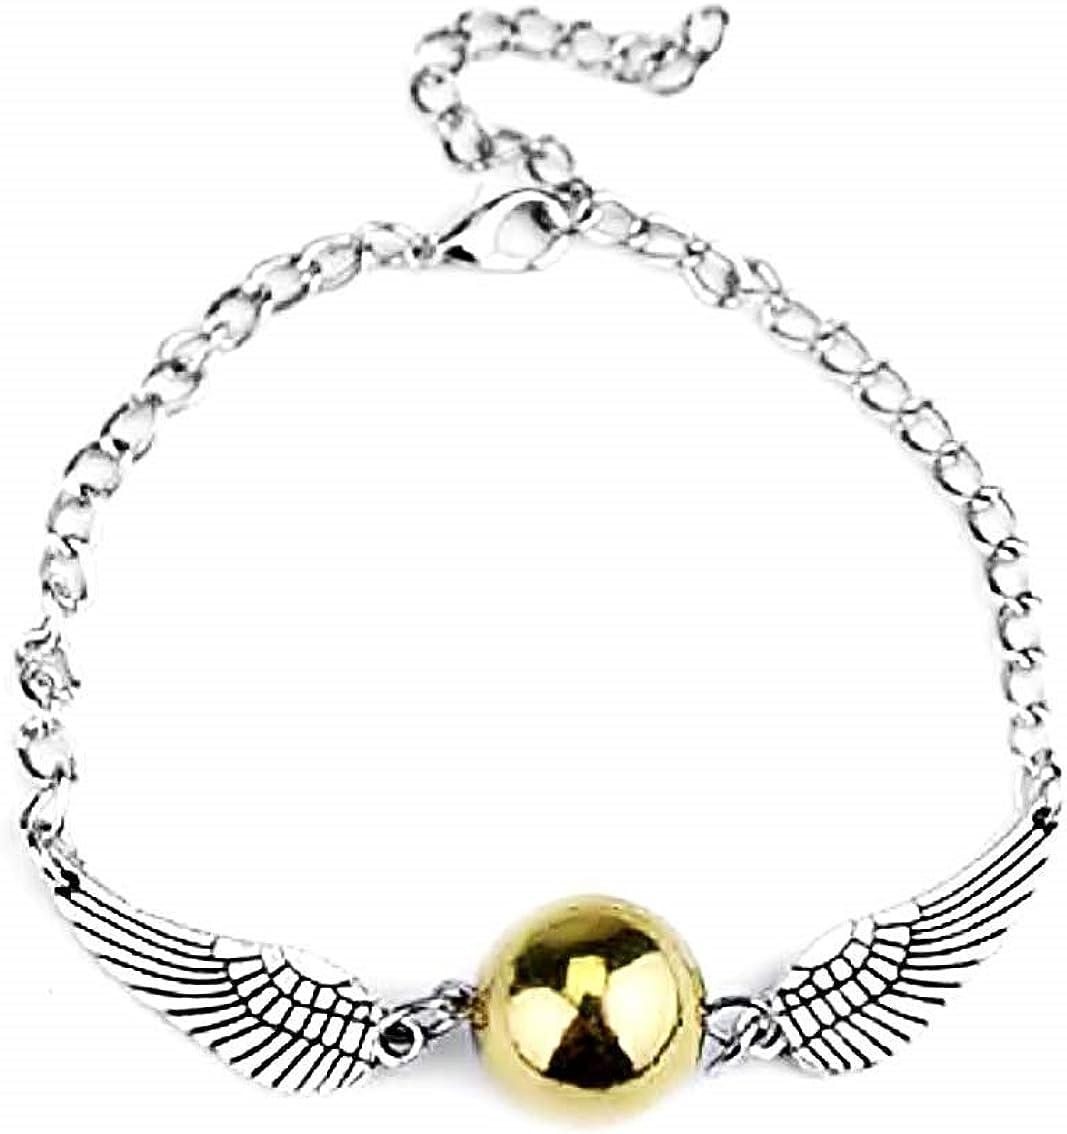 Legisdream - Pulsera con colgante de alas de ángel y perla dorada plateada, ideal para regalo de fiesta de cumpleaños